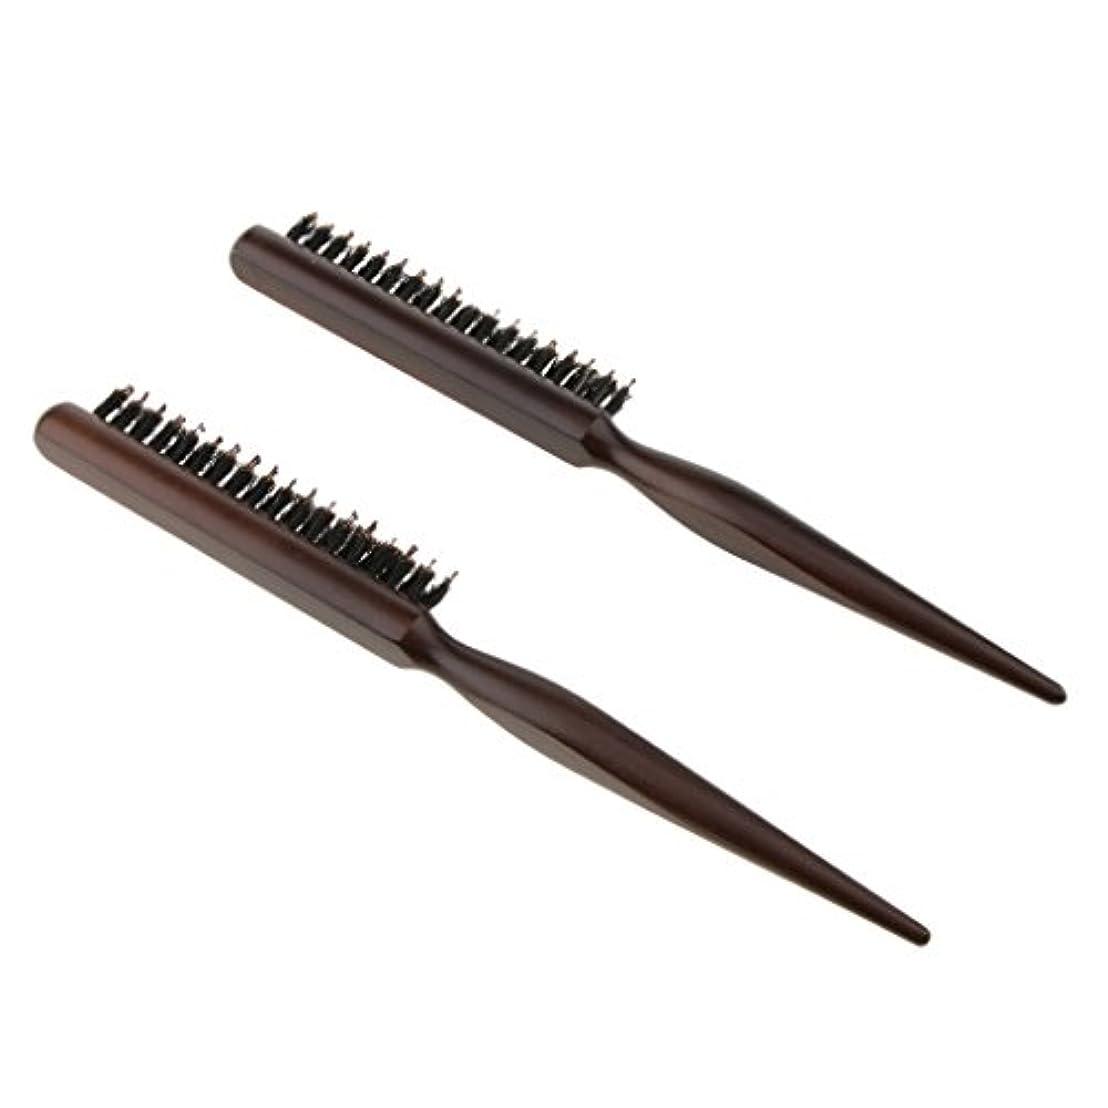 存在会員延期するFenteer 2本 木製櫛 ヘアコーム ヘアブラシ ナイロン毛+木製ハンドル